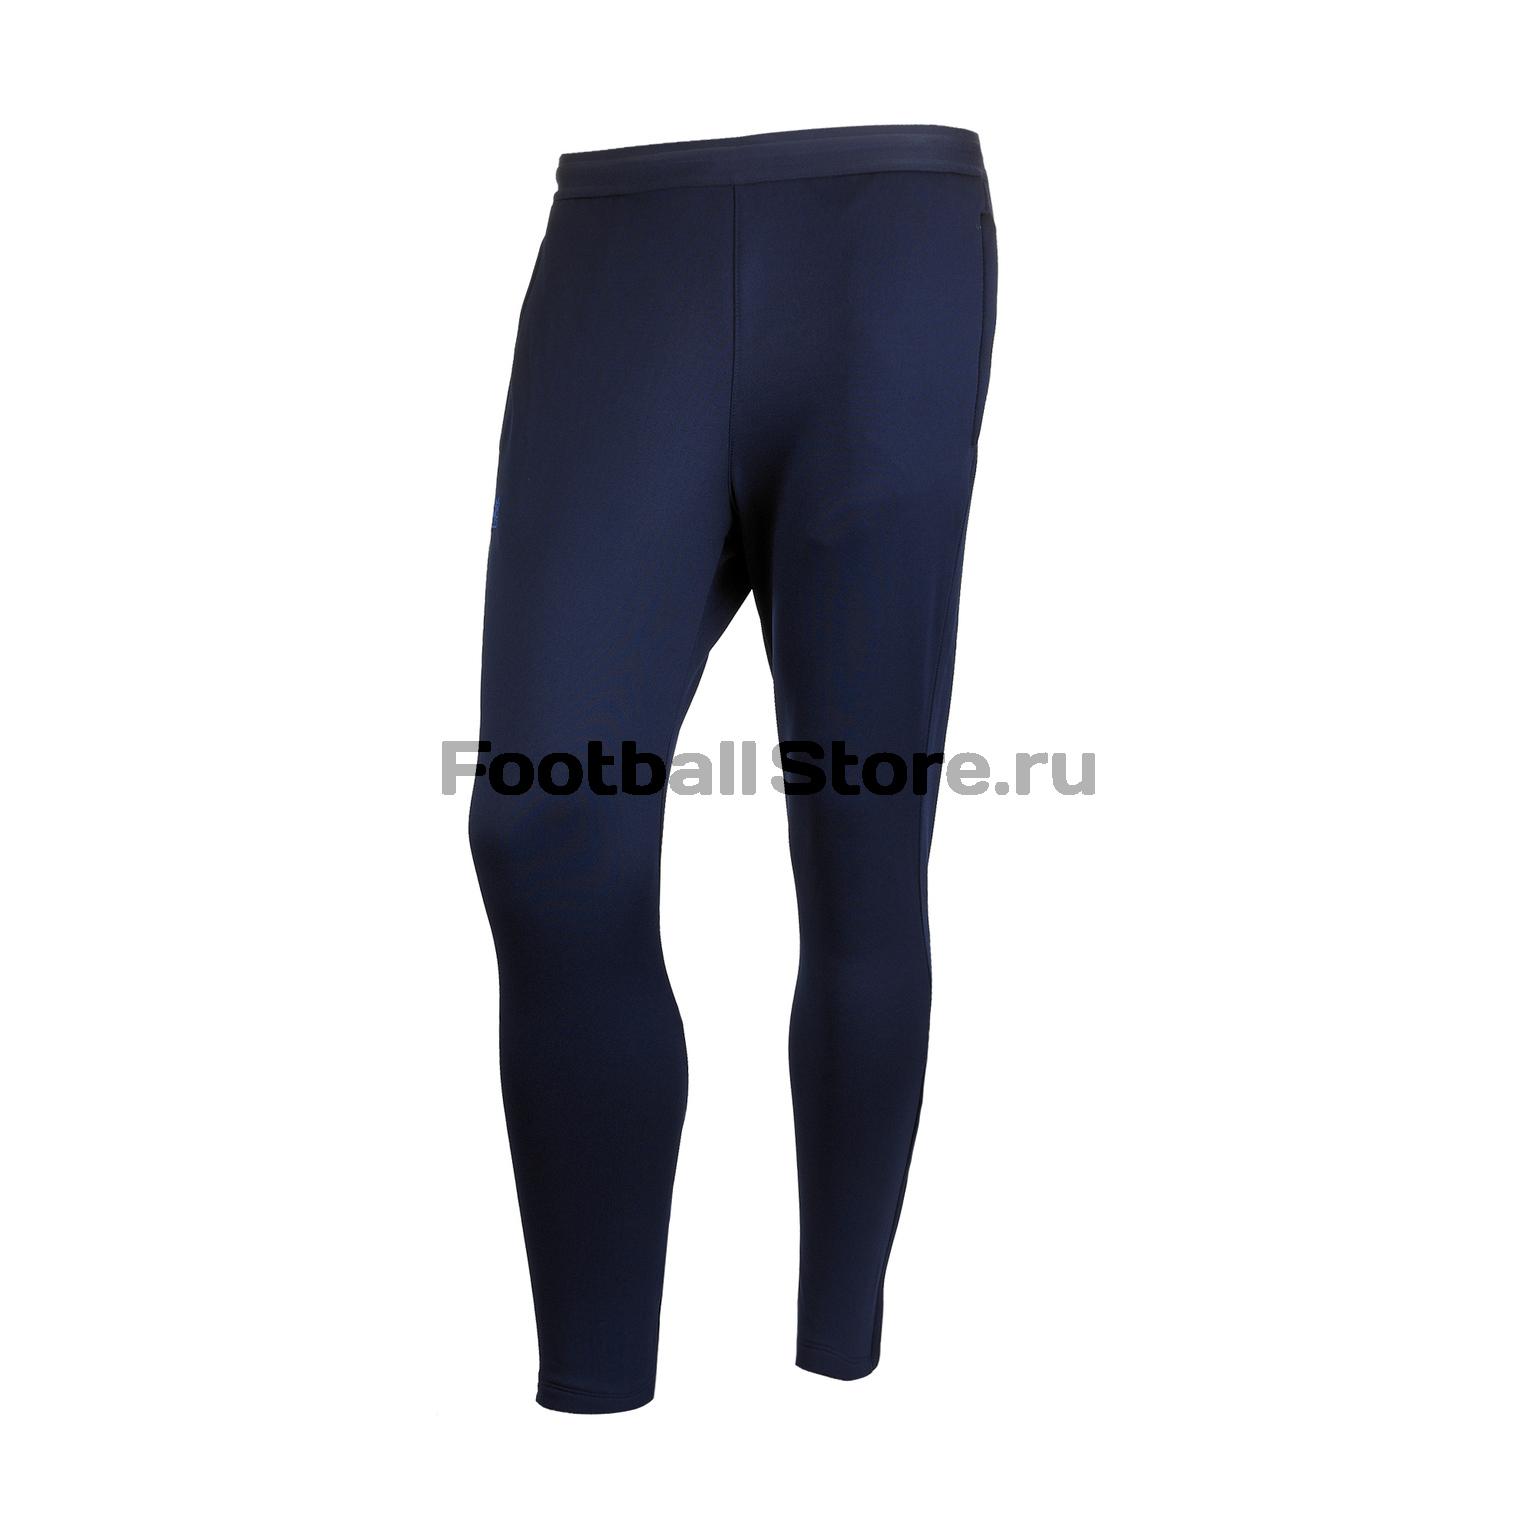 цена на Брюки Nike Chelsea Pant AT4091-451